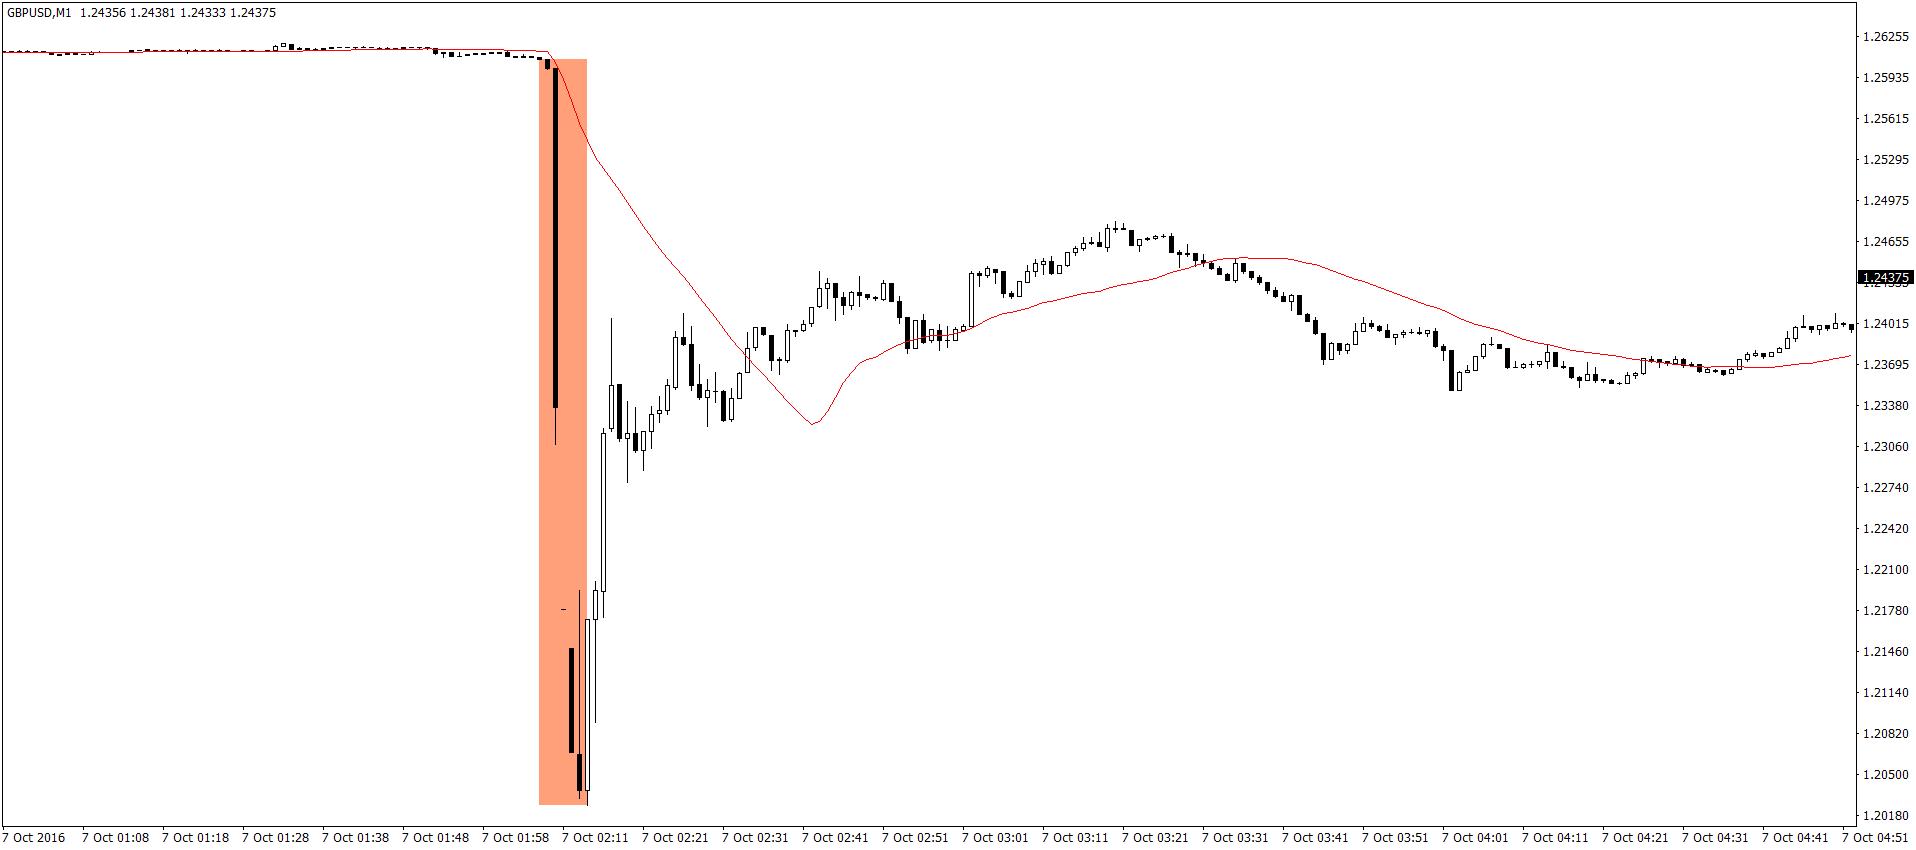 GBP/USD M1